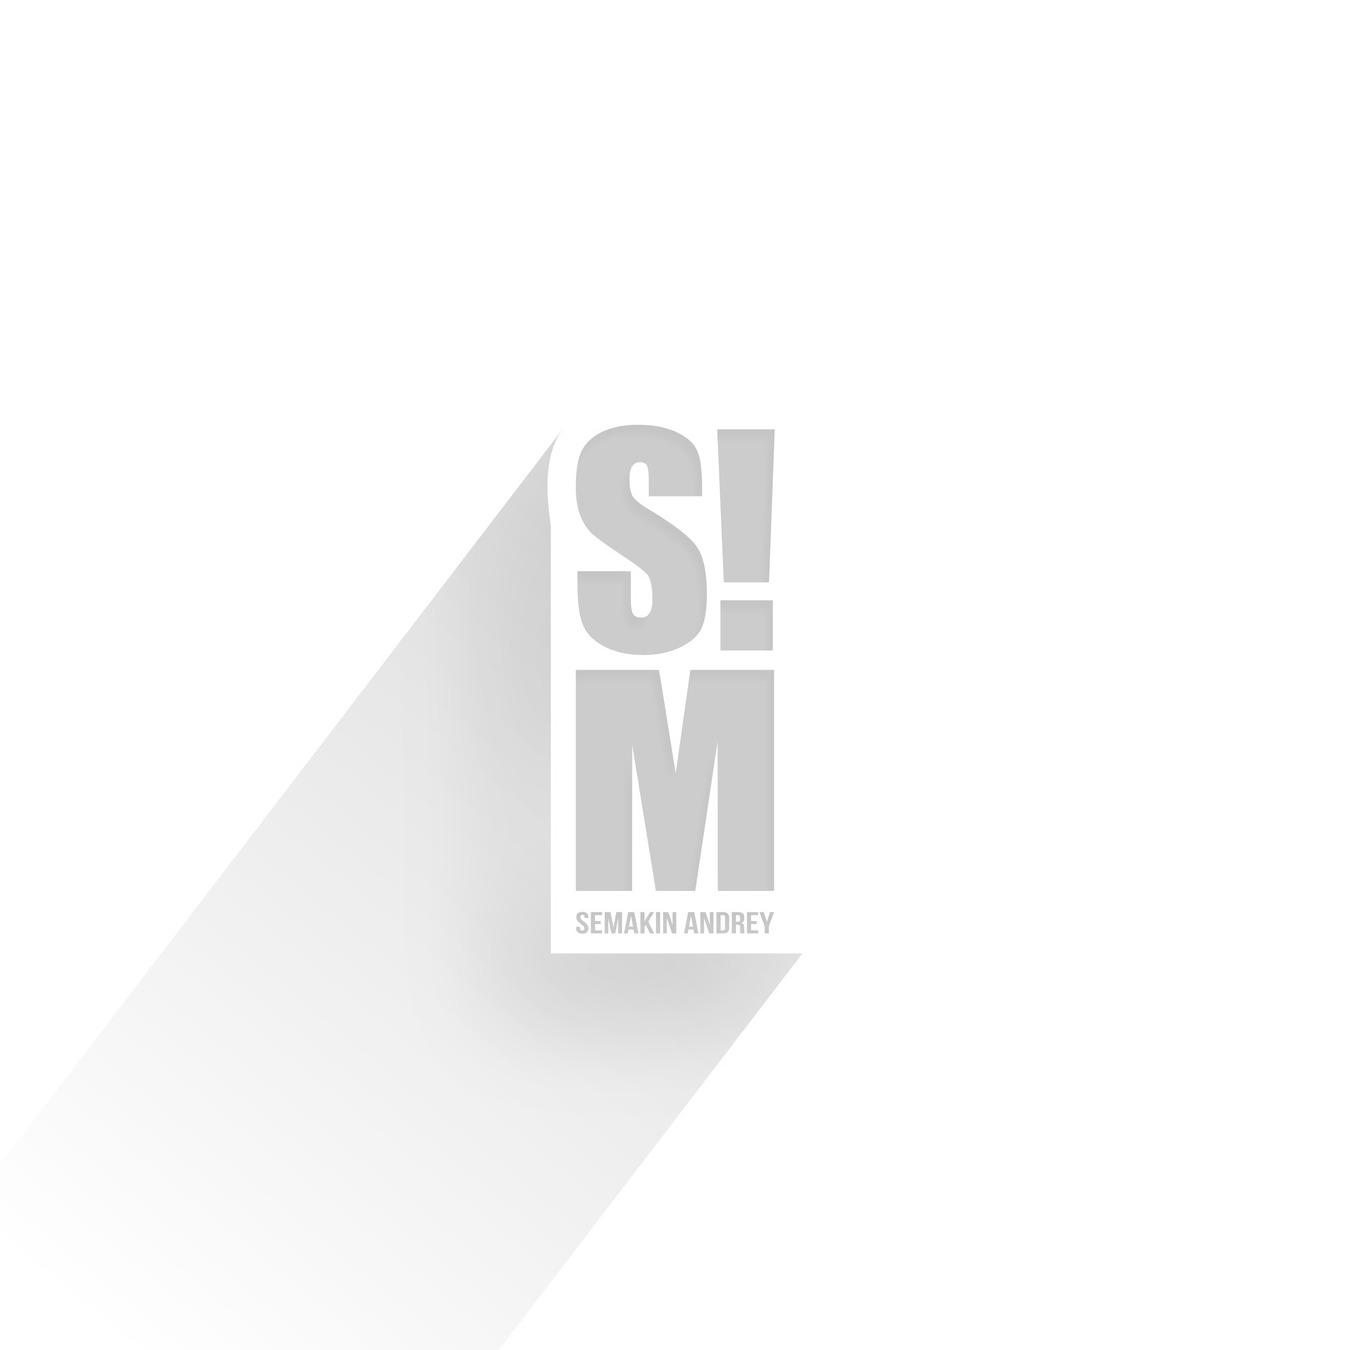 333SiM333